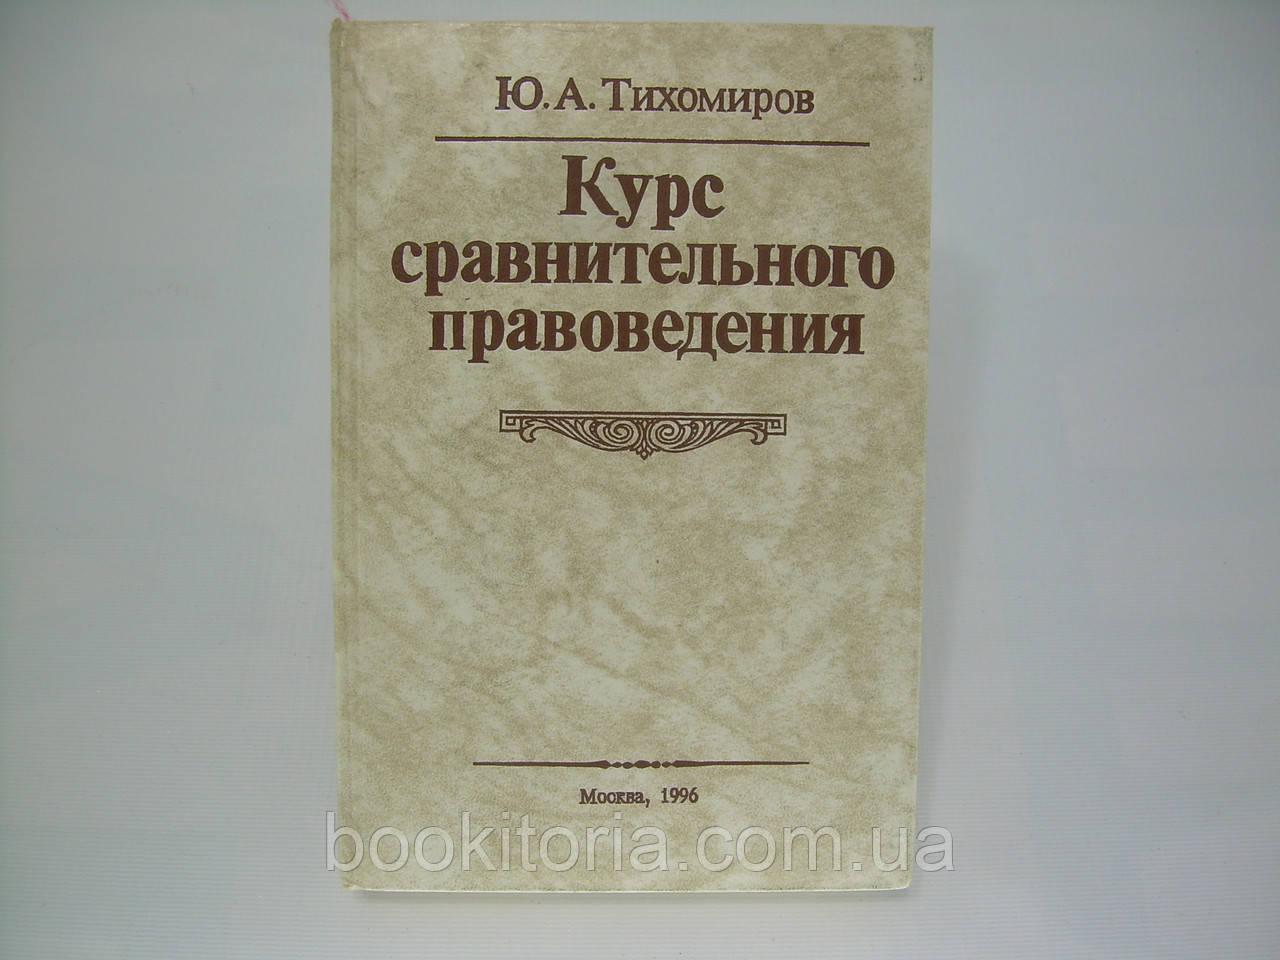 Тихомиров Ю.А. Курс сравнительного правоведения (б/у)., фото 1